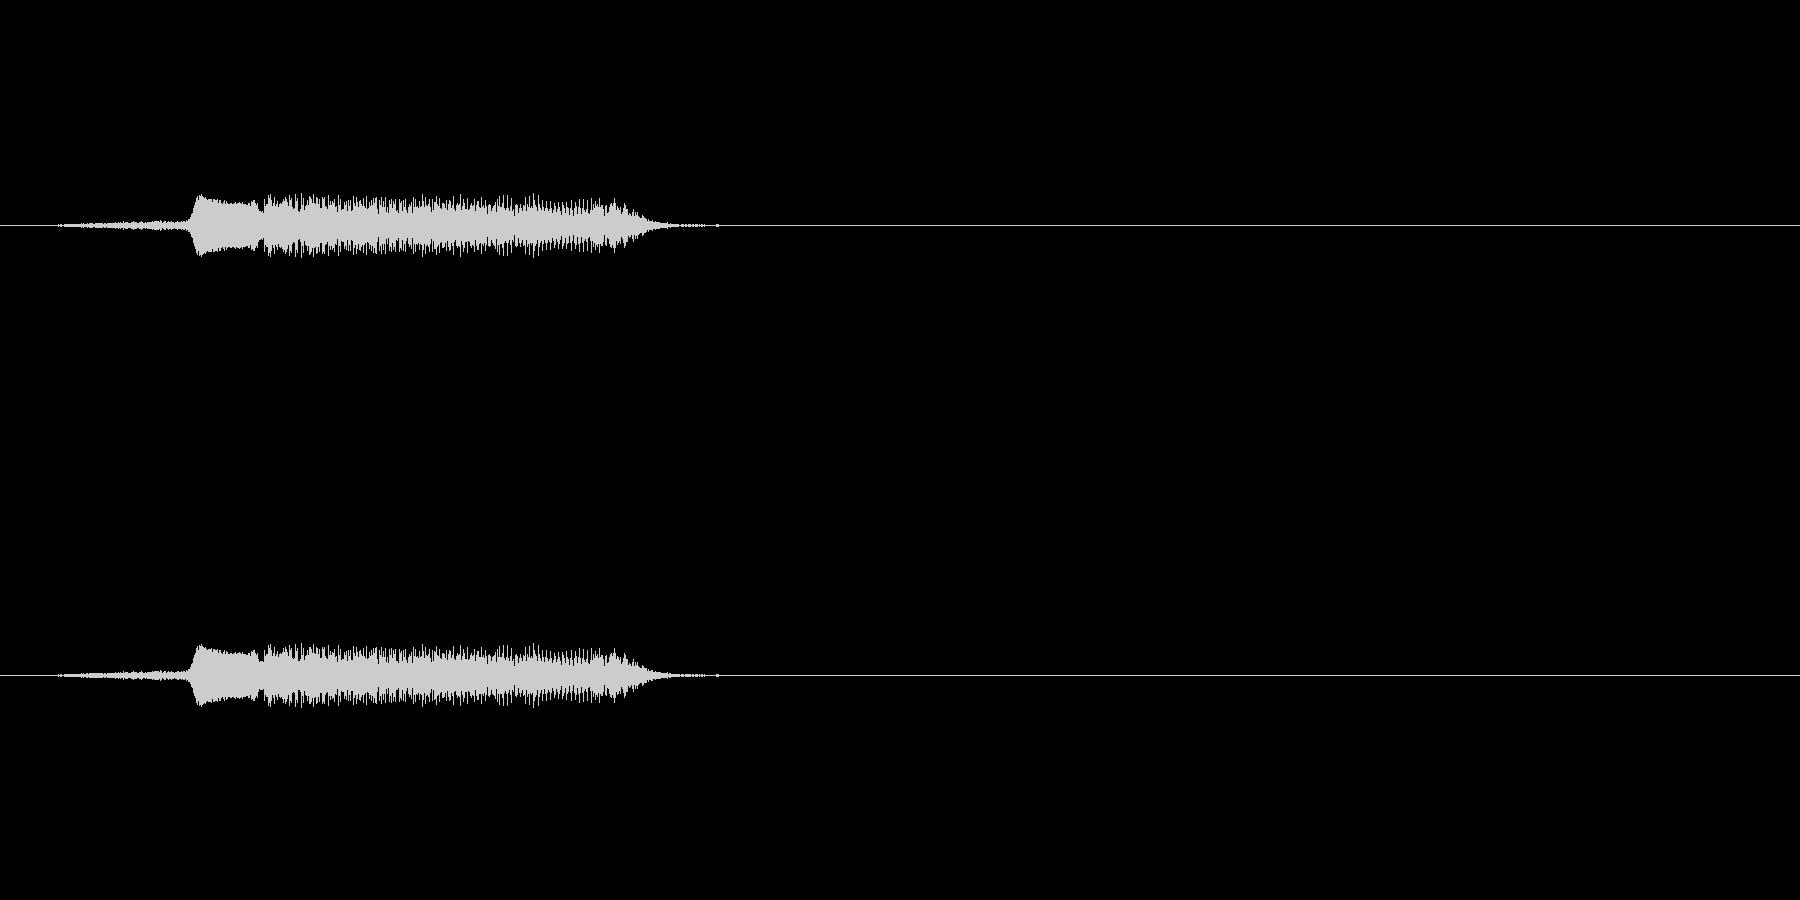 【ブーブークッション02-4】の未再生の波形